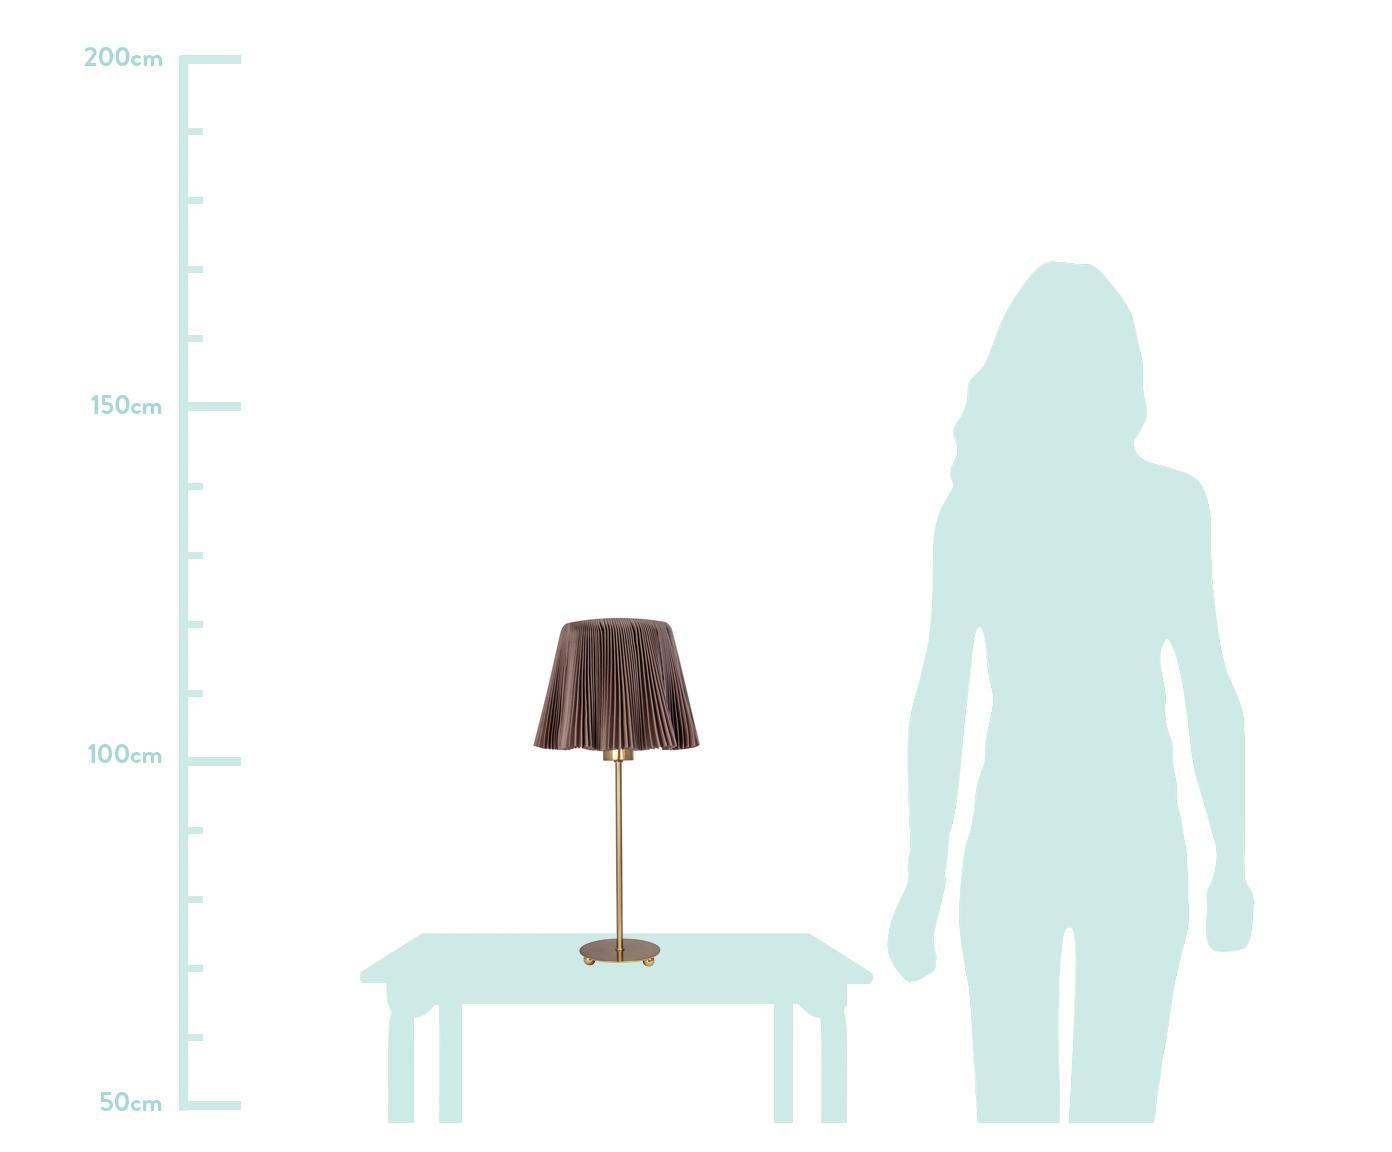 Stolní lampa z plisované látky Edith, Hnědá, mosazná